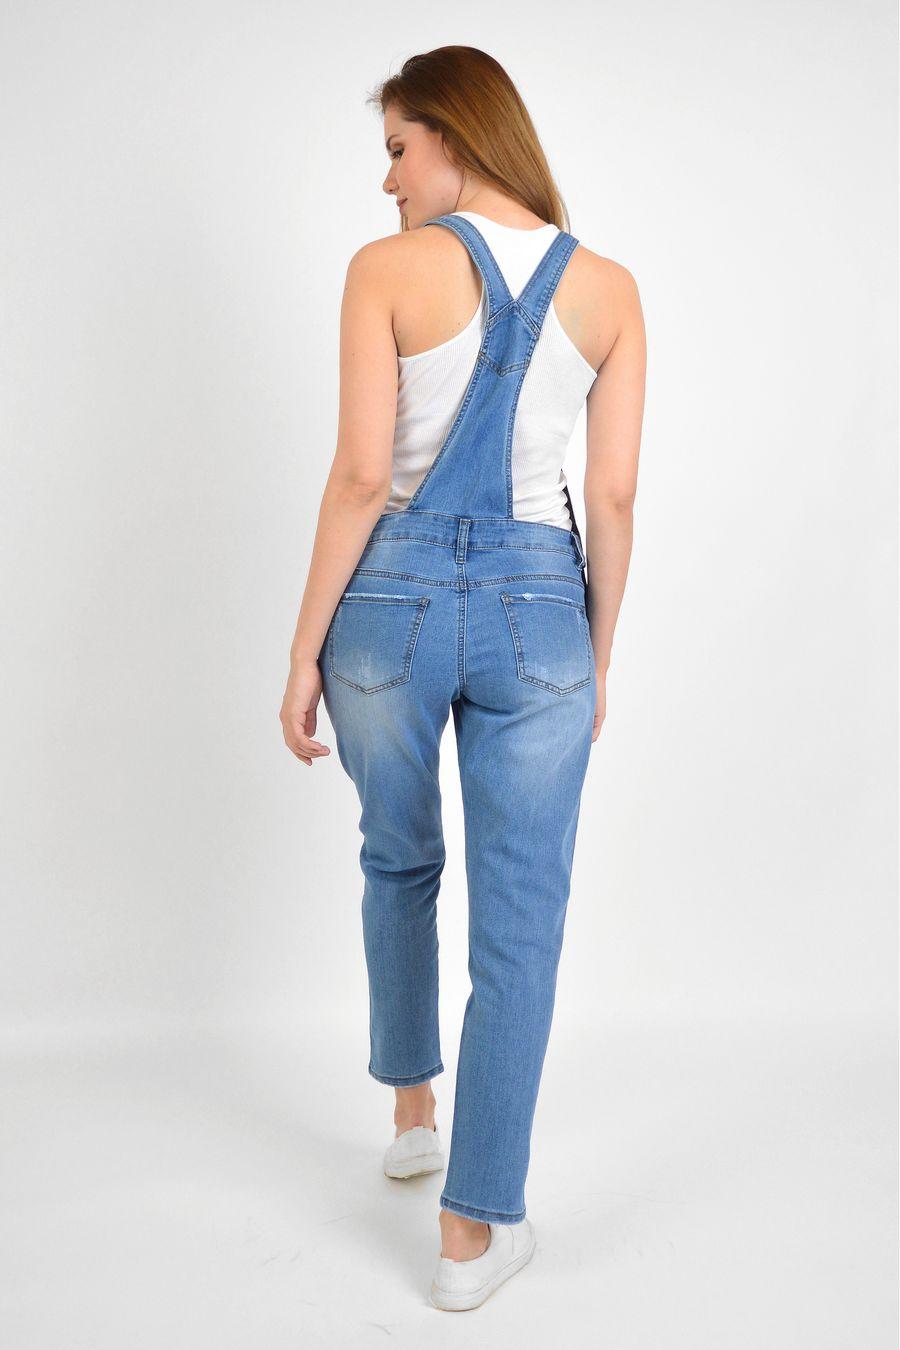 Комбинезон женский Baccino 3040 джинсовый - фото 5